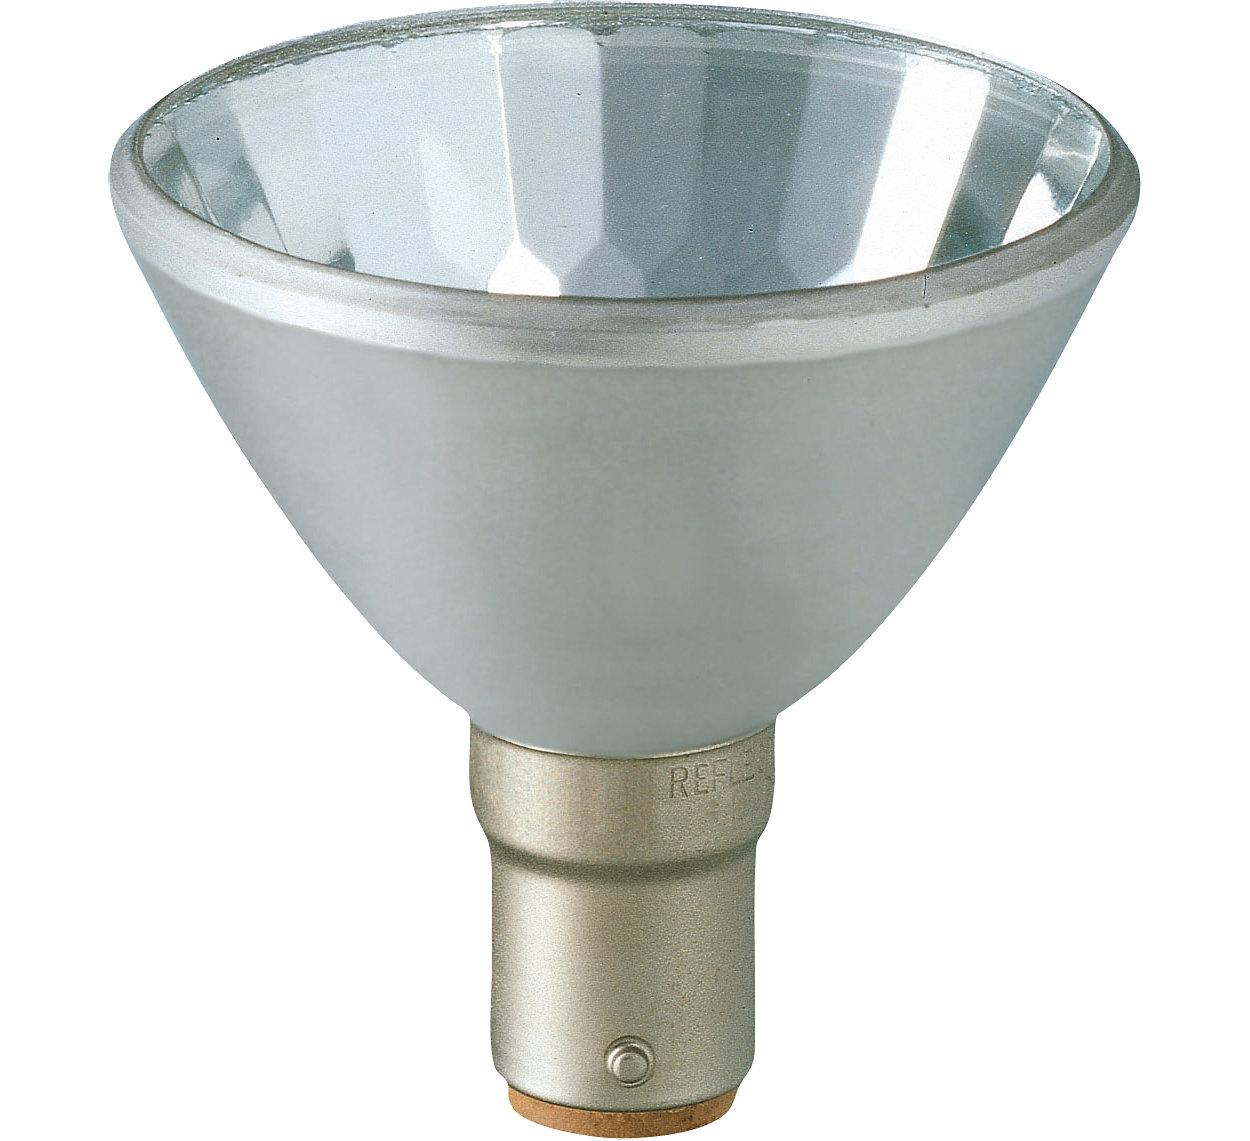 Bodové jasné bílé světlo s moderně vypadajícím hliníkovým reflektorem